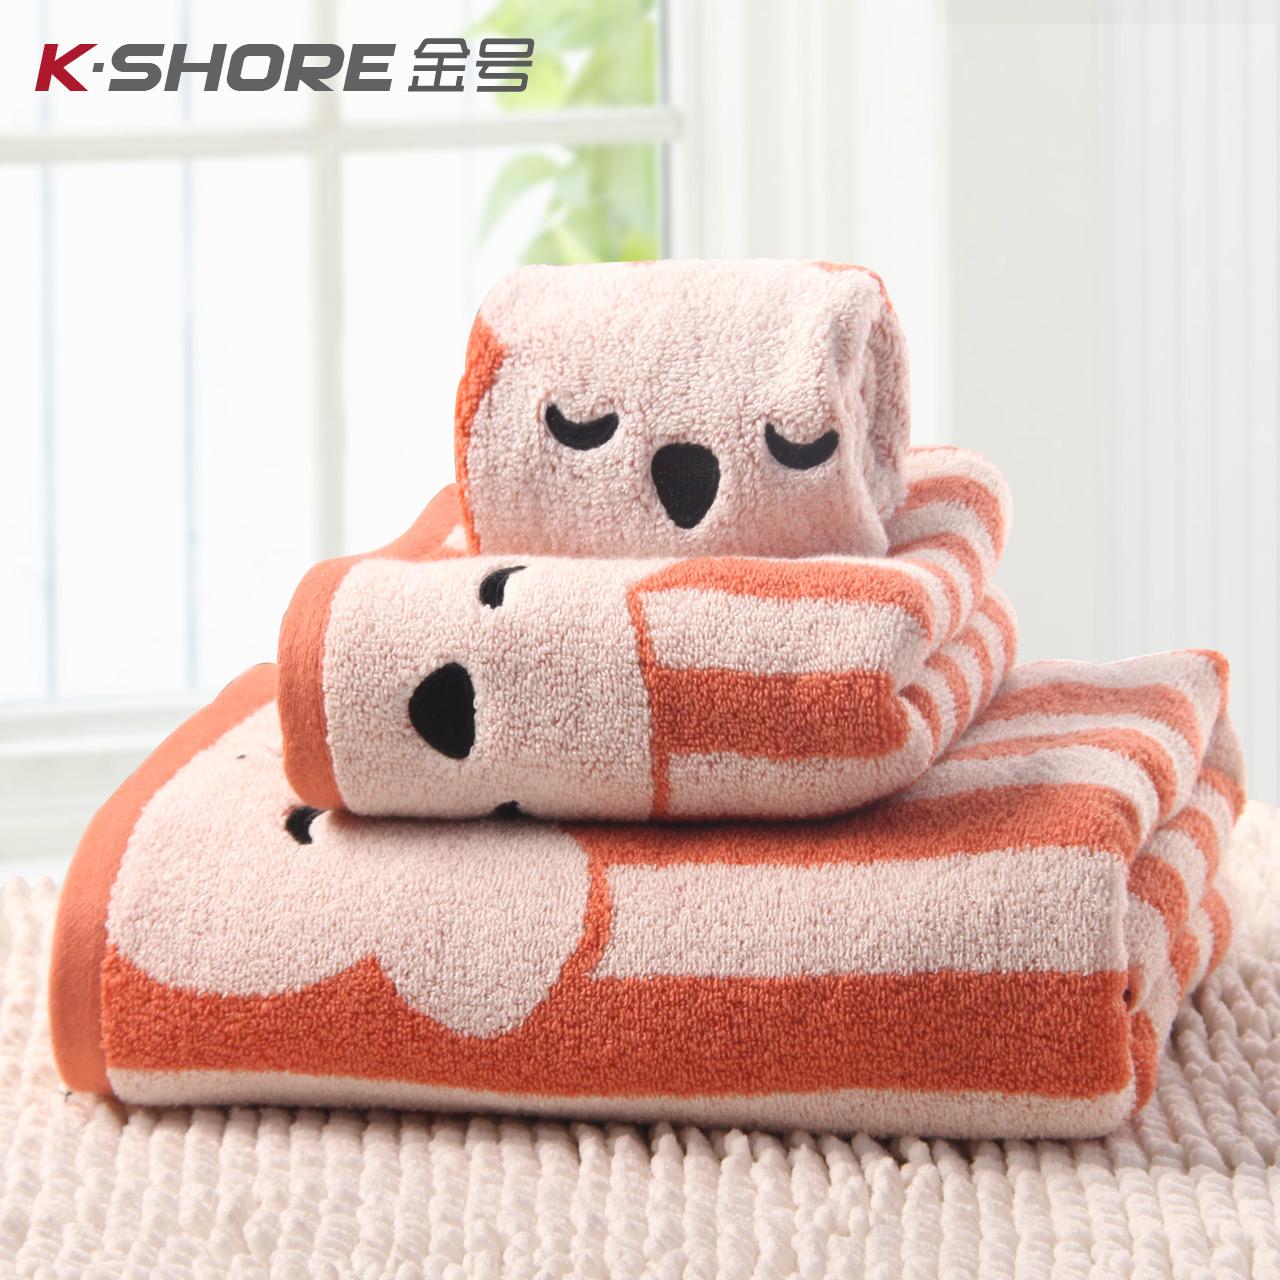 金号纯棉三件套 毛浴方巾各一条 卡通小萌熊柔软舒适吸水